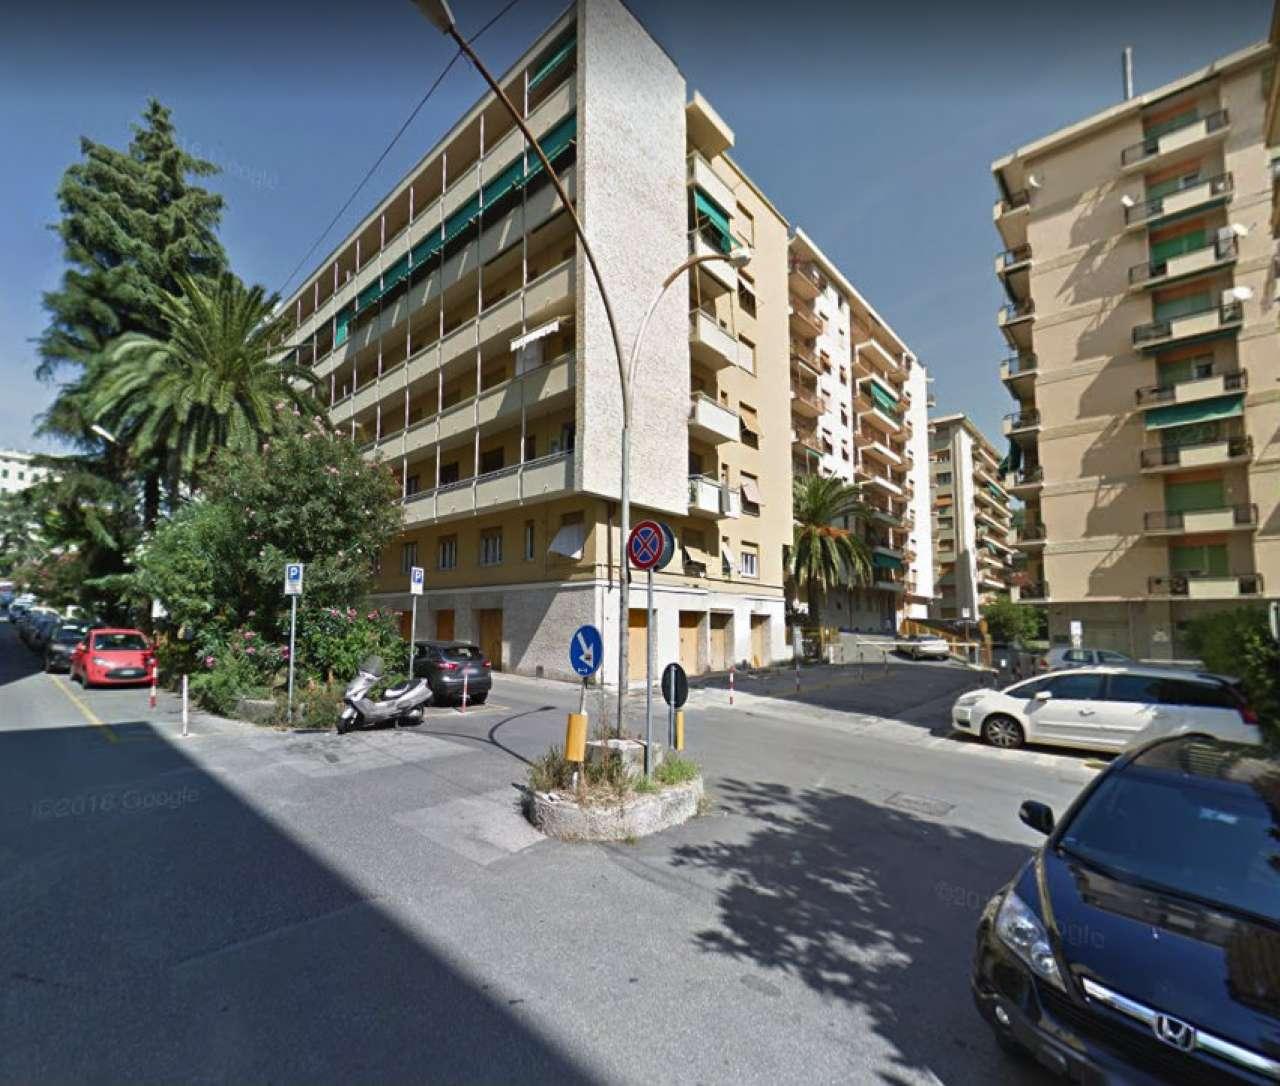 Foto 1 di Appartamento via DELLA MAONA 1A, Genova (zona Pegli)